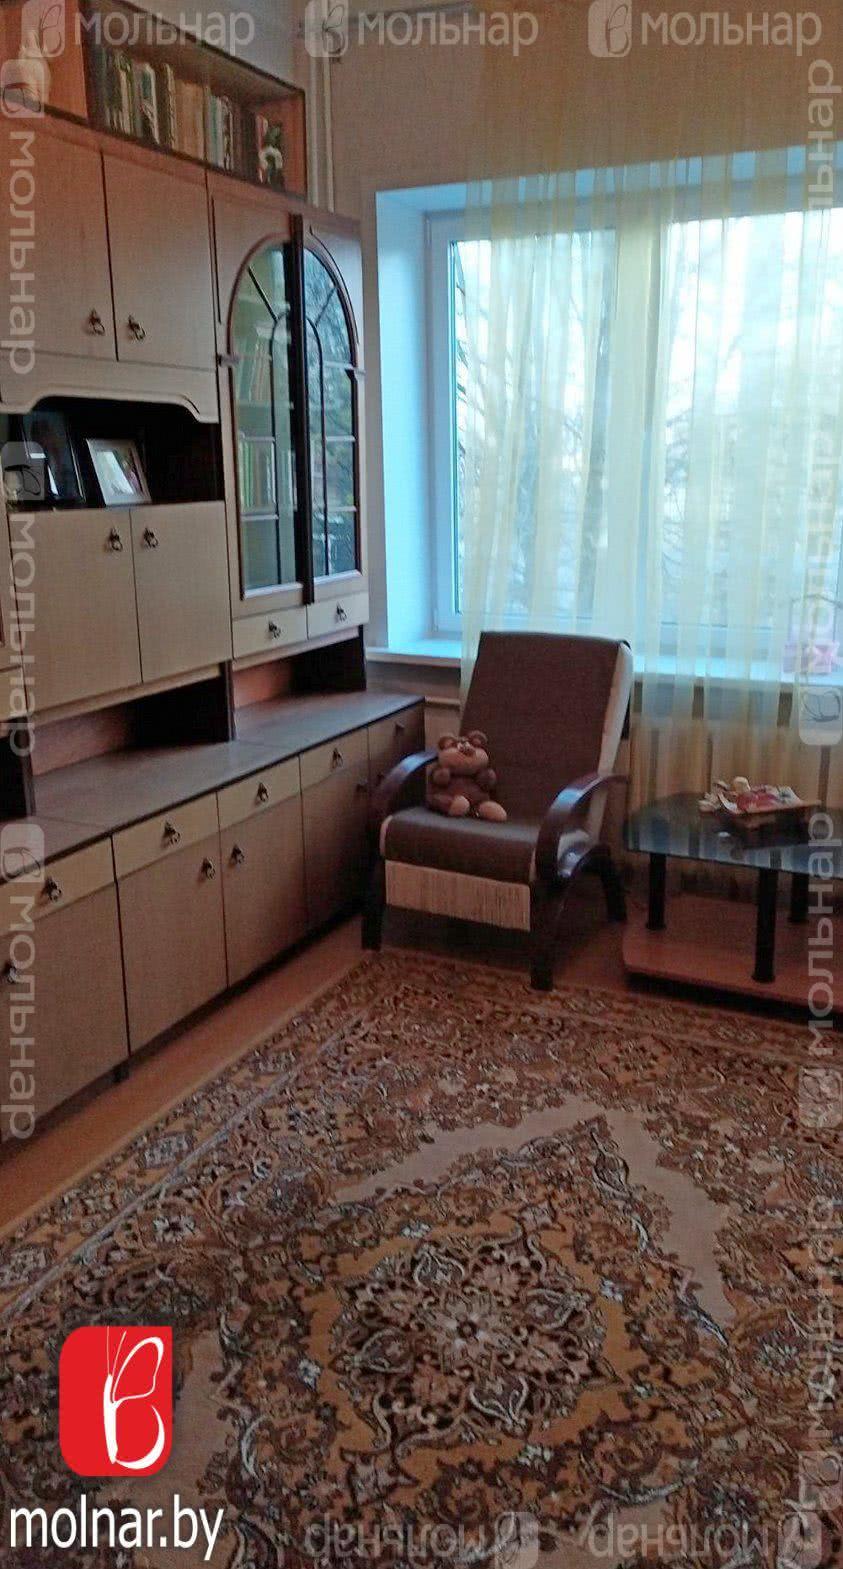 Купить 4-комнатную квартиру в Минске, ул. Центральная, д. 4 - фото 5